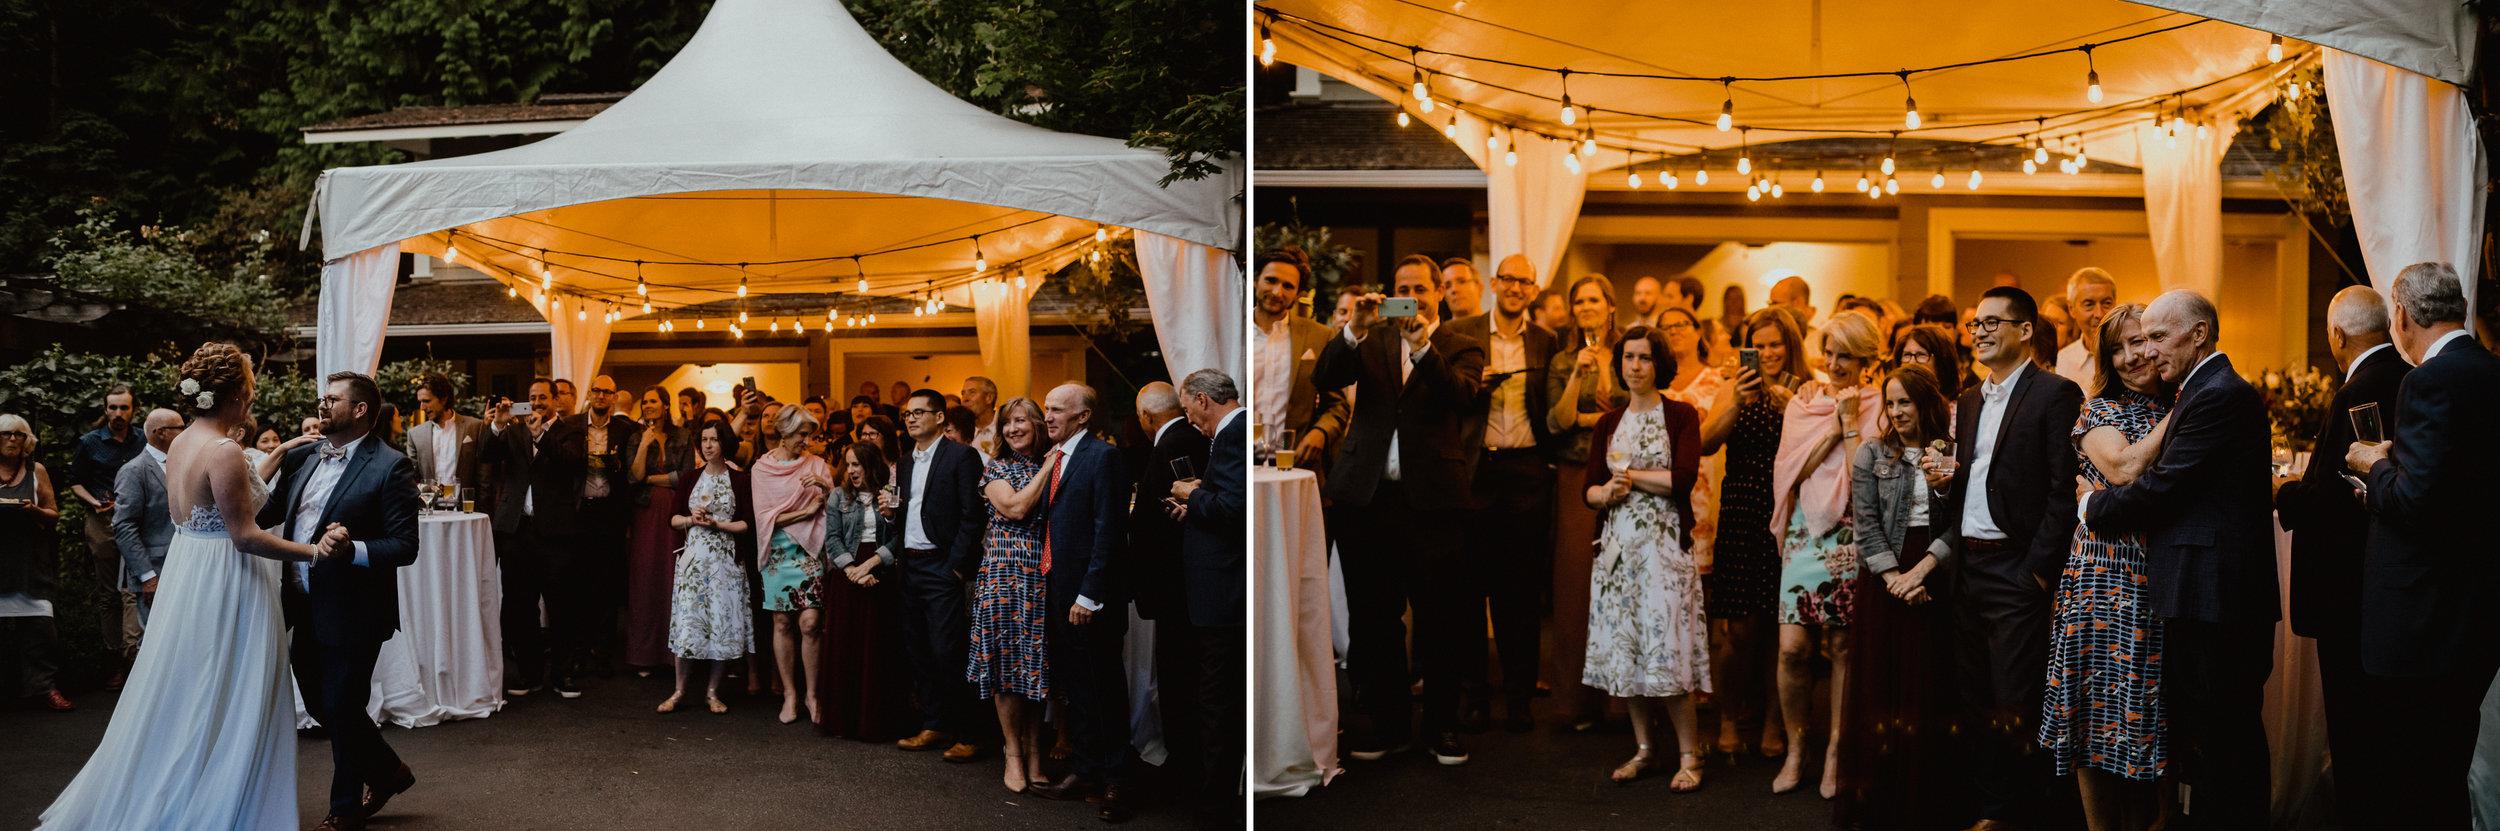 west-vancouver-backyard-wedding-289.jpg